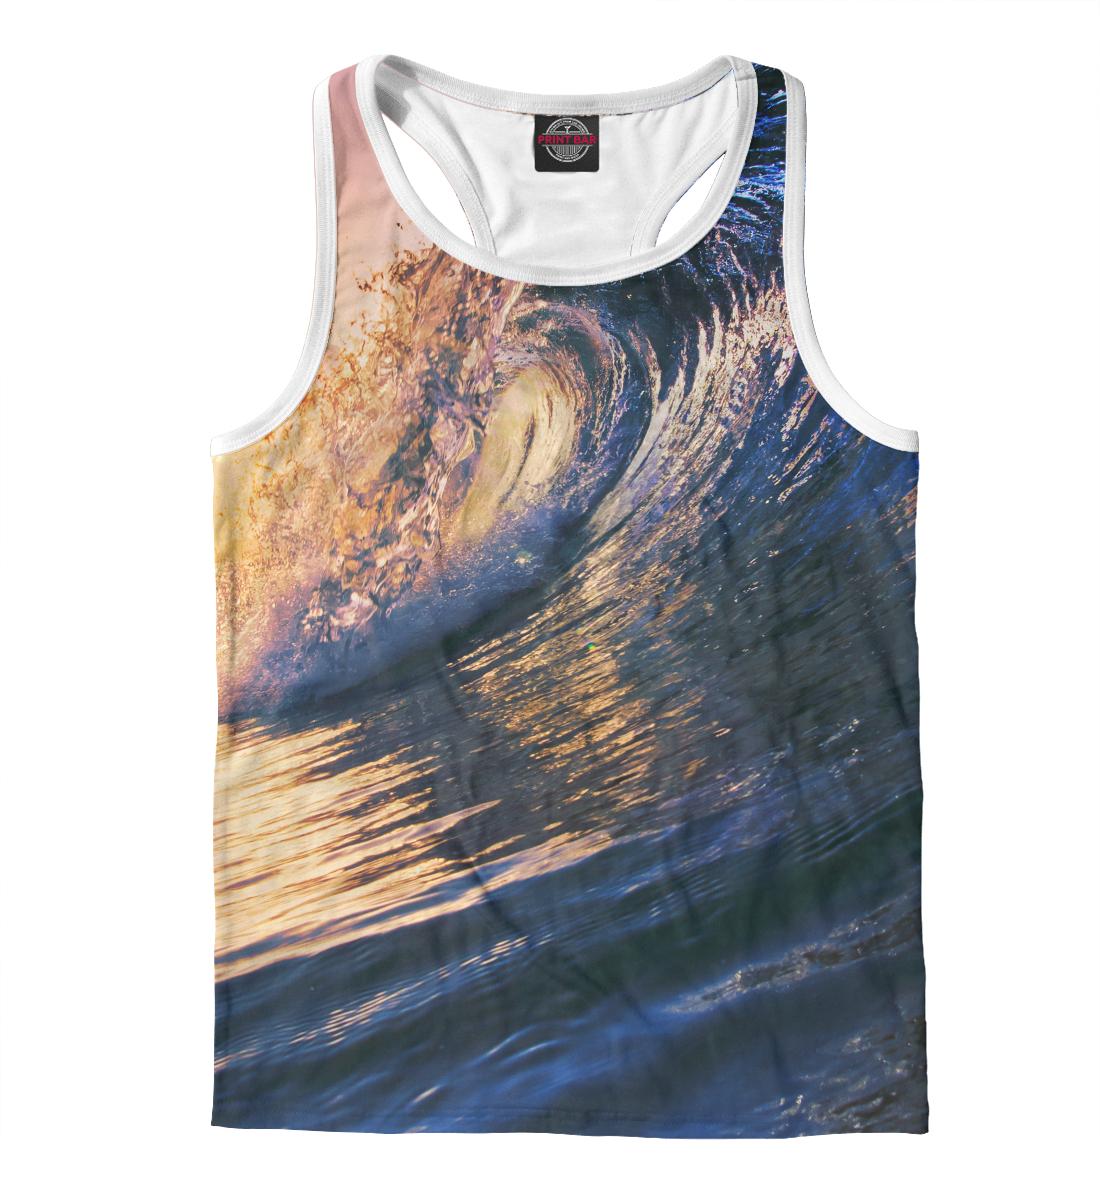 Купить Морская волна, Printbar, Майки борцовки, STI-838813-mayb-2